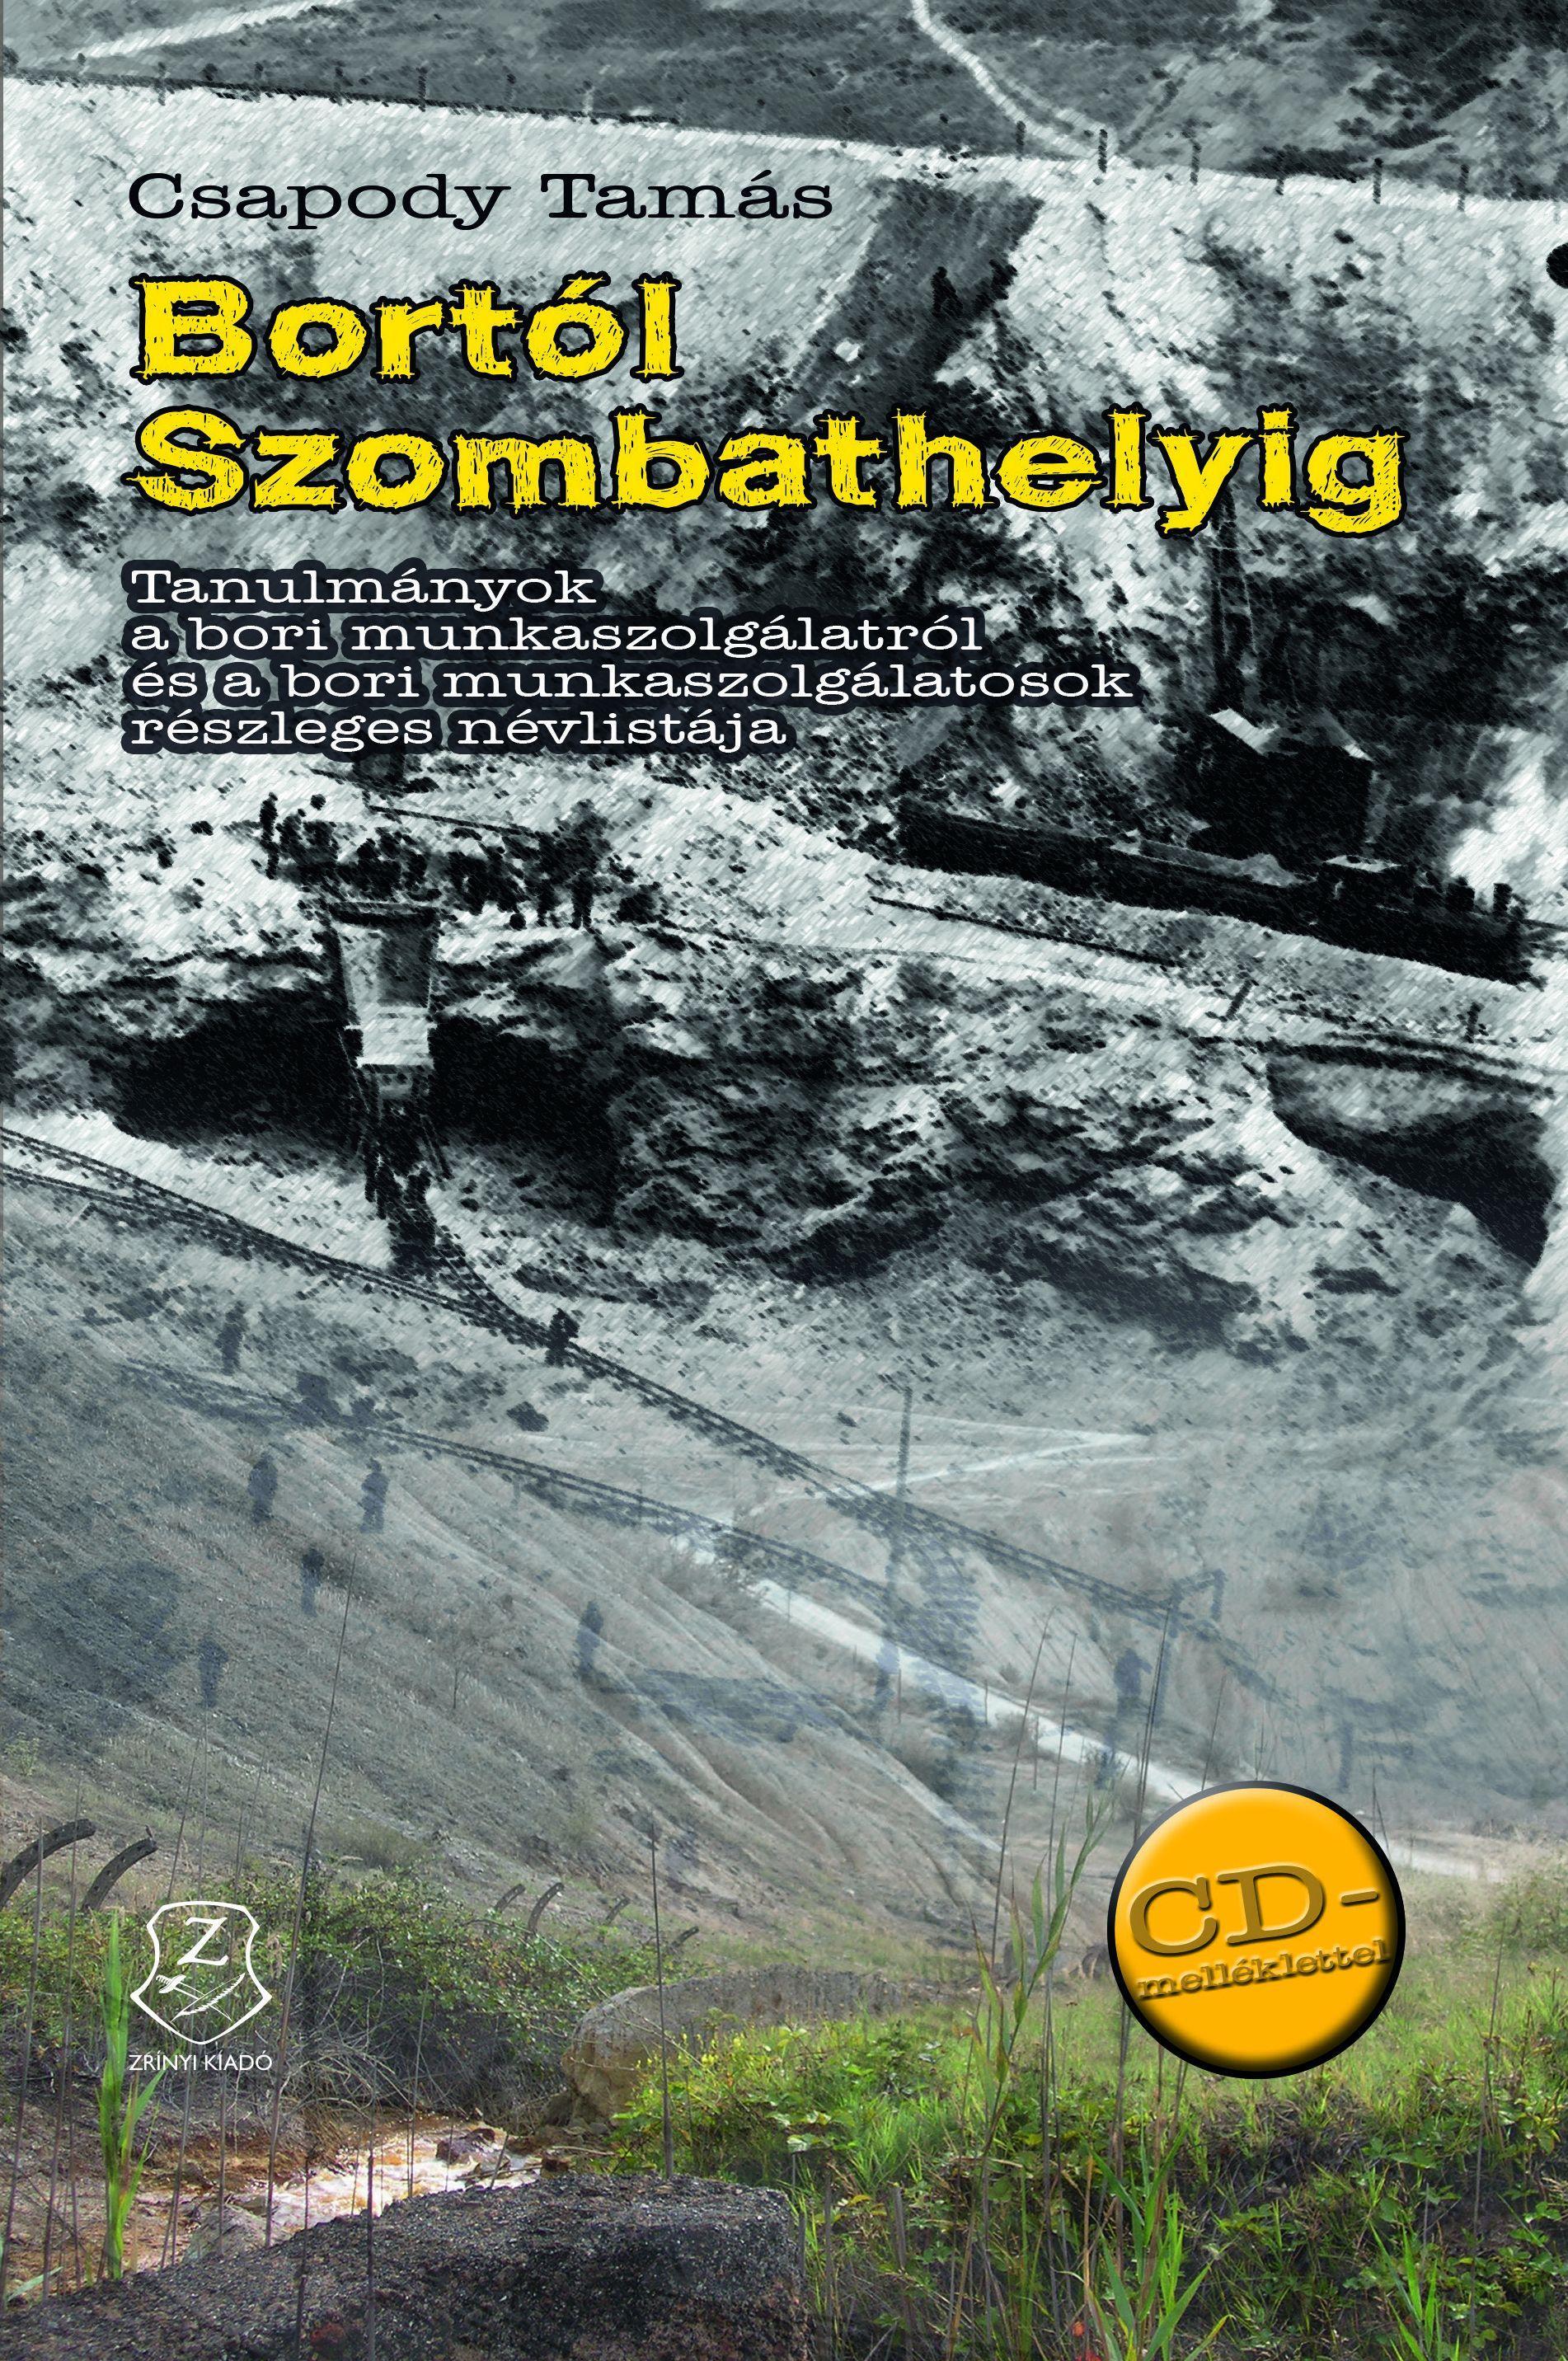 BORTÓL SZOMBATHELYIG - CD MELLÉKLETTEL